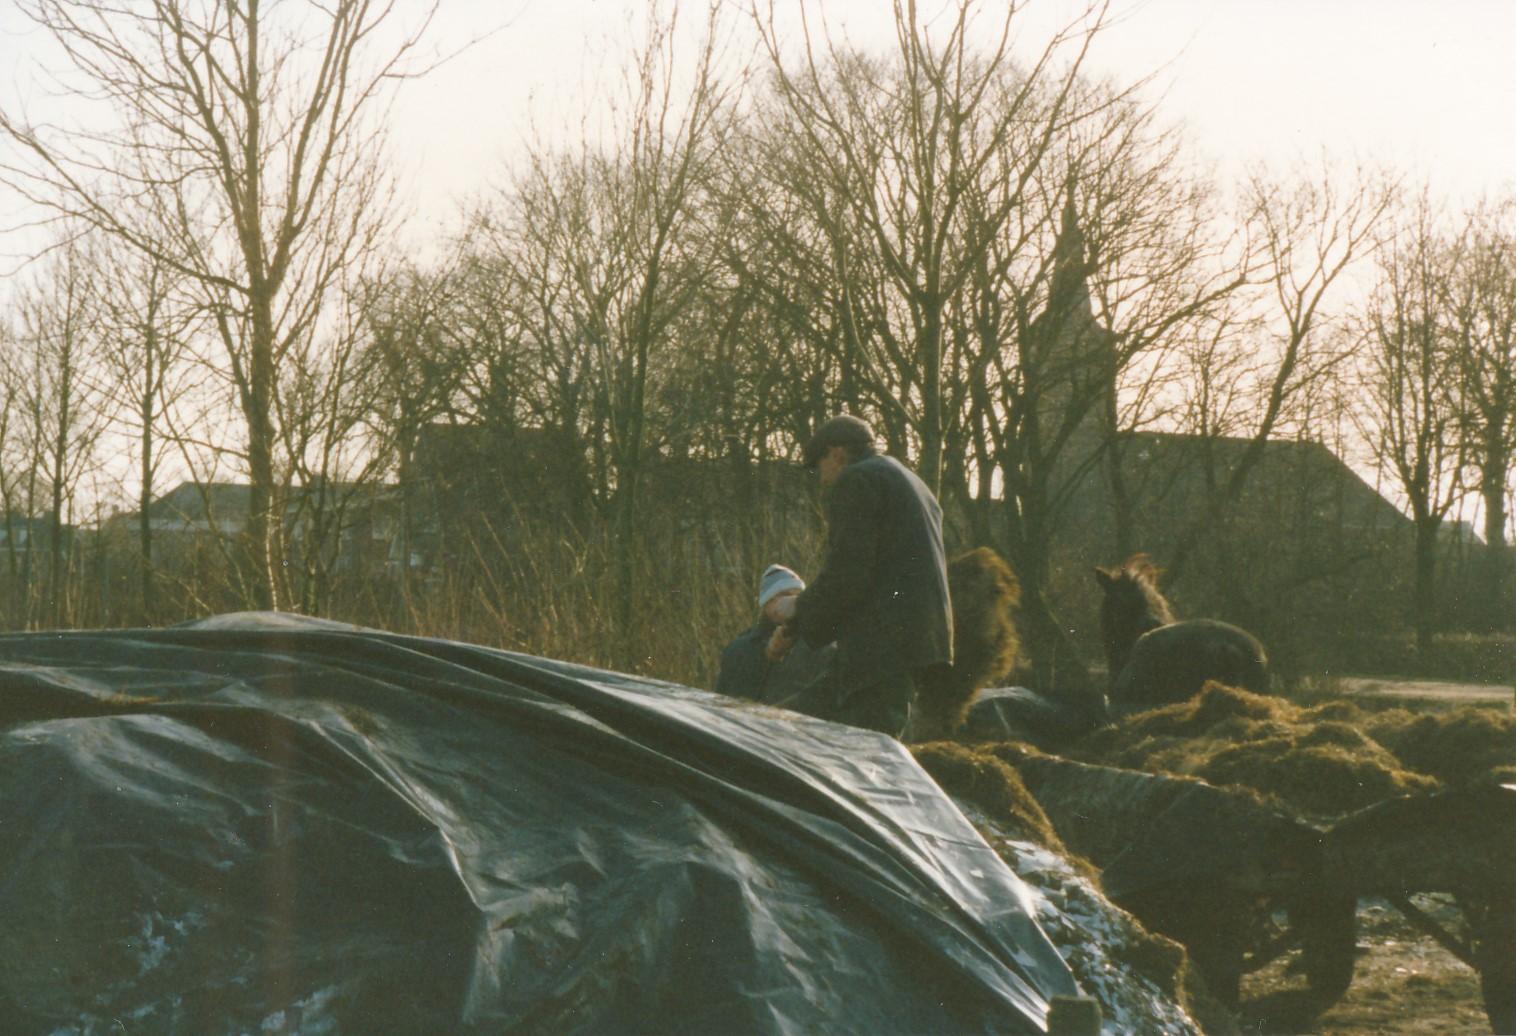 Fotoalbum Anneke Miedema, 048, Juut Hoogma, winter 1991-1992, kuil ophelje foar de kij